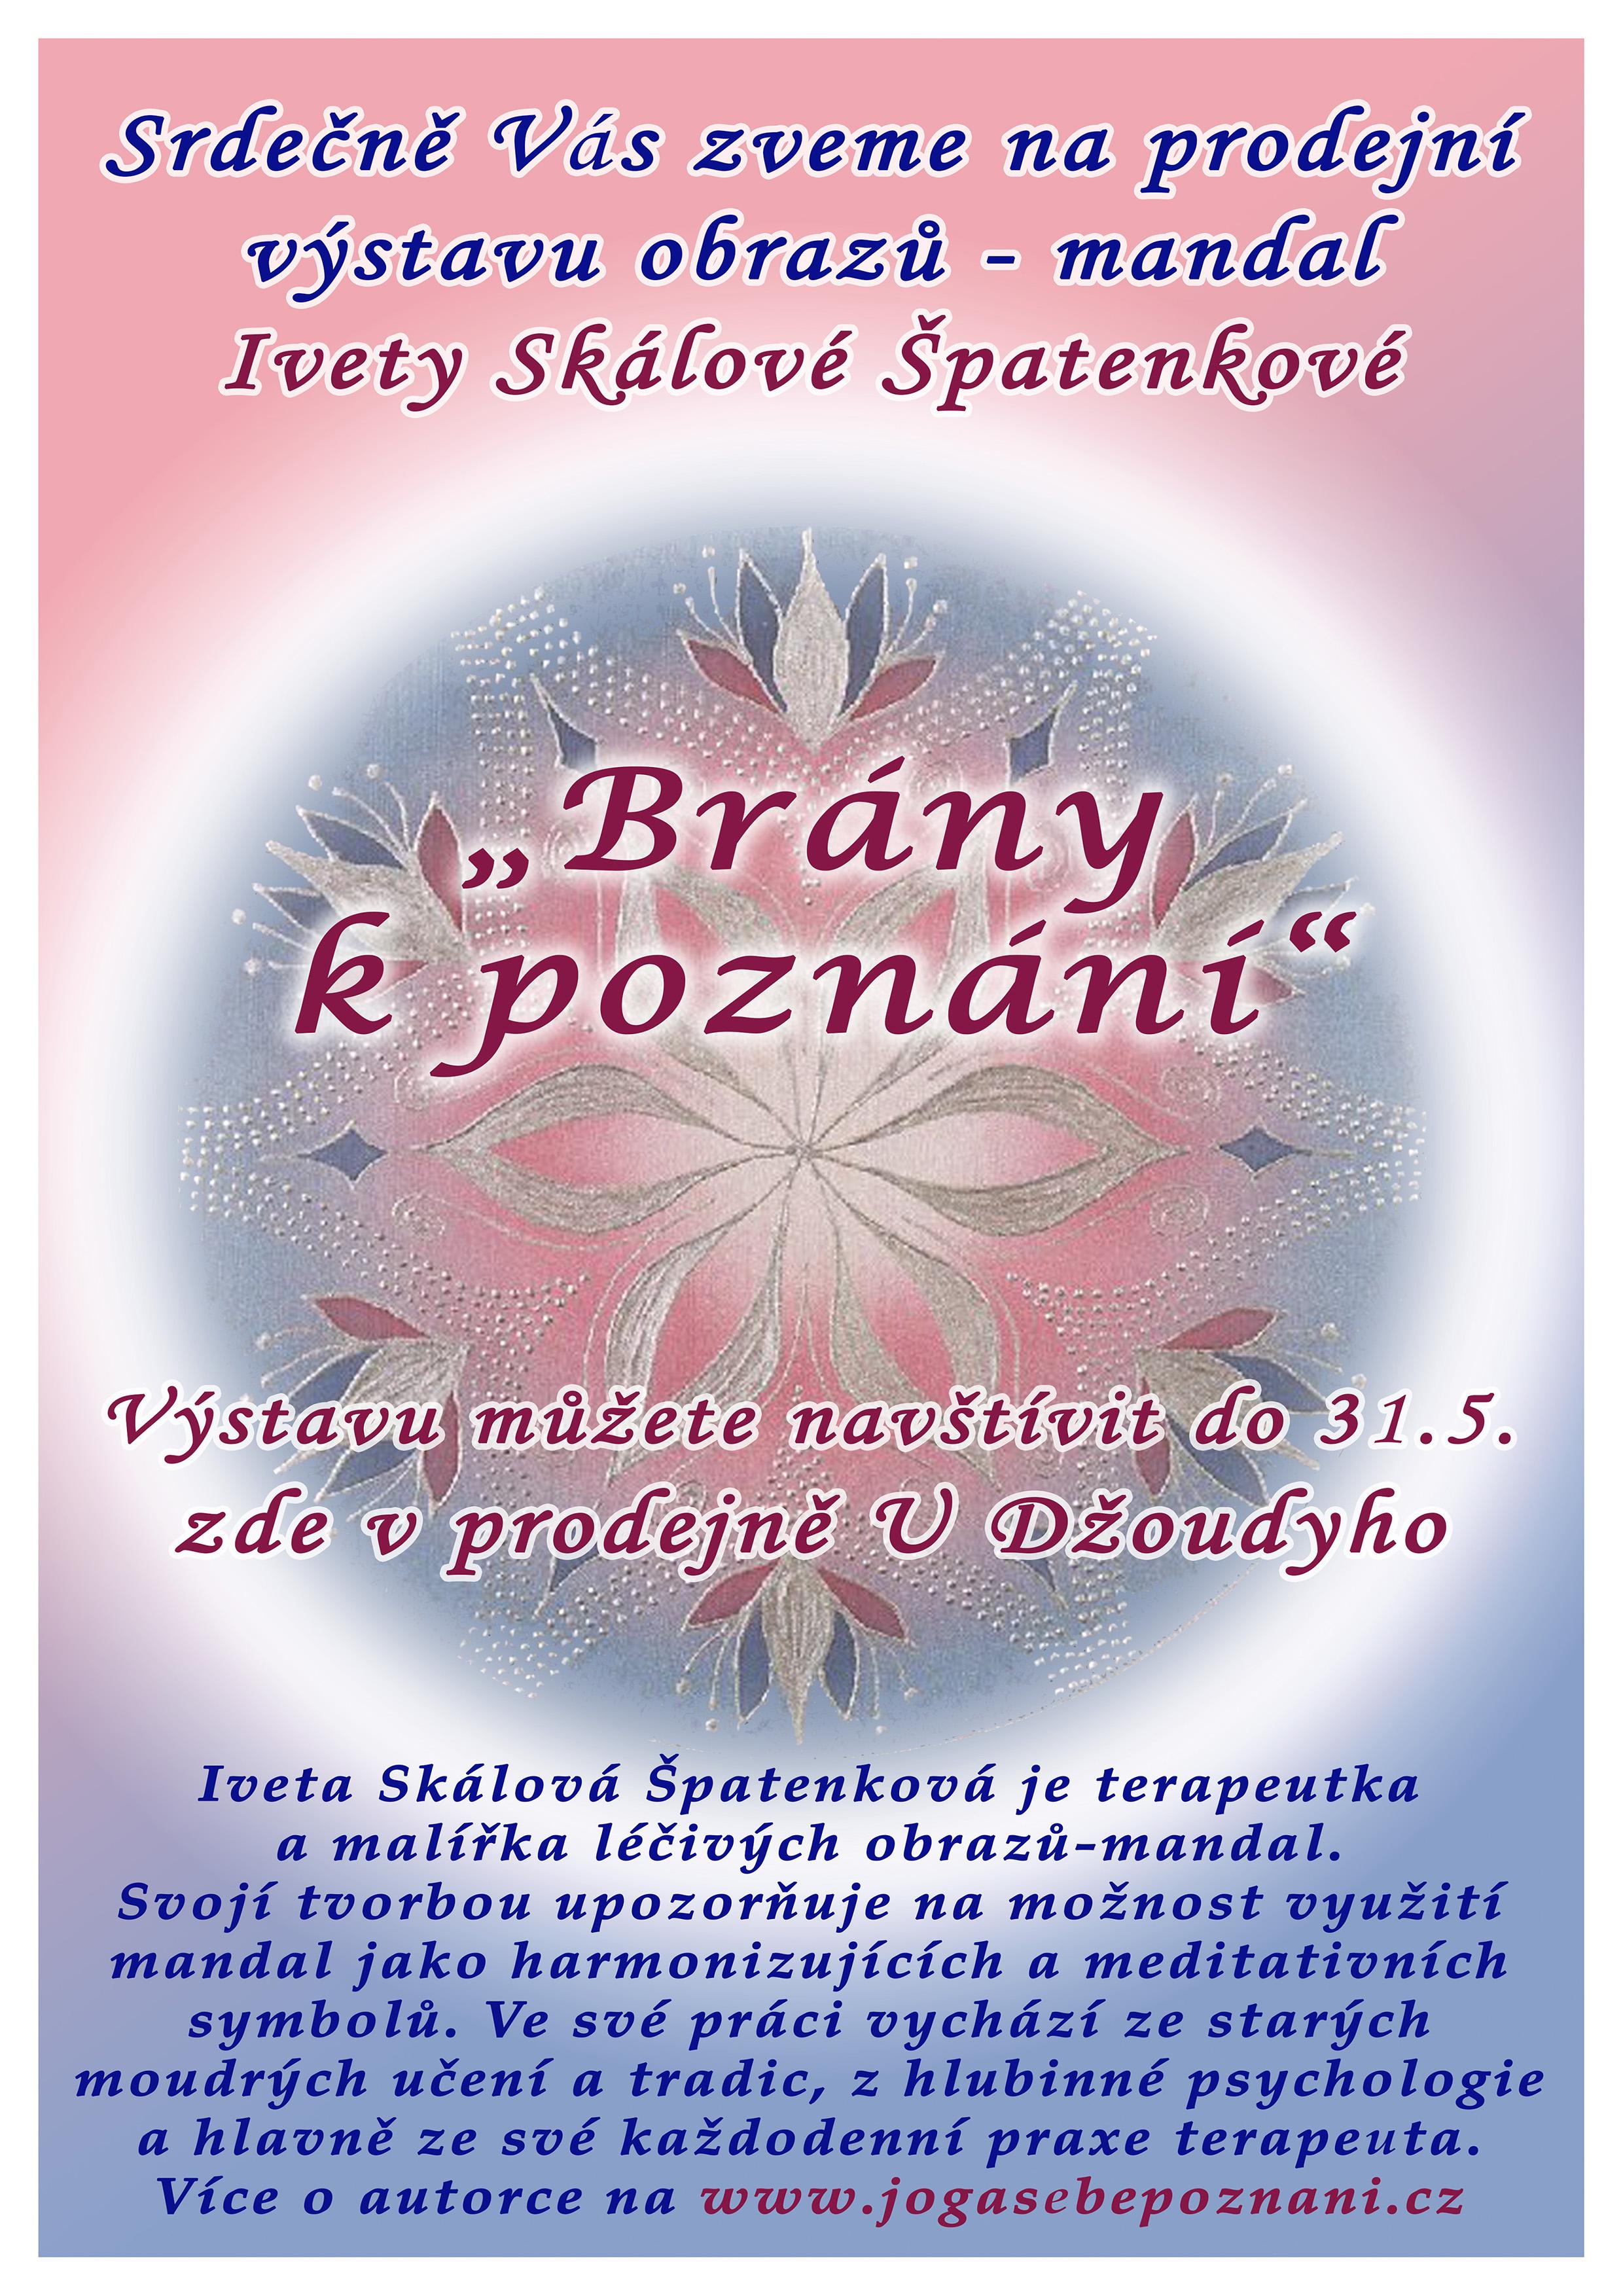 VÝSTAVA: Prodejní výstava obrazů - mandal od autorky Ivety Skálové Špatenkové (PRODLOUŽENA do 11.6.2021)